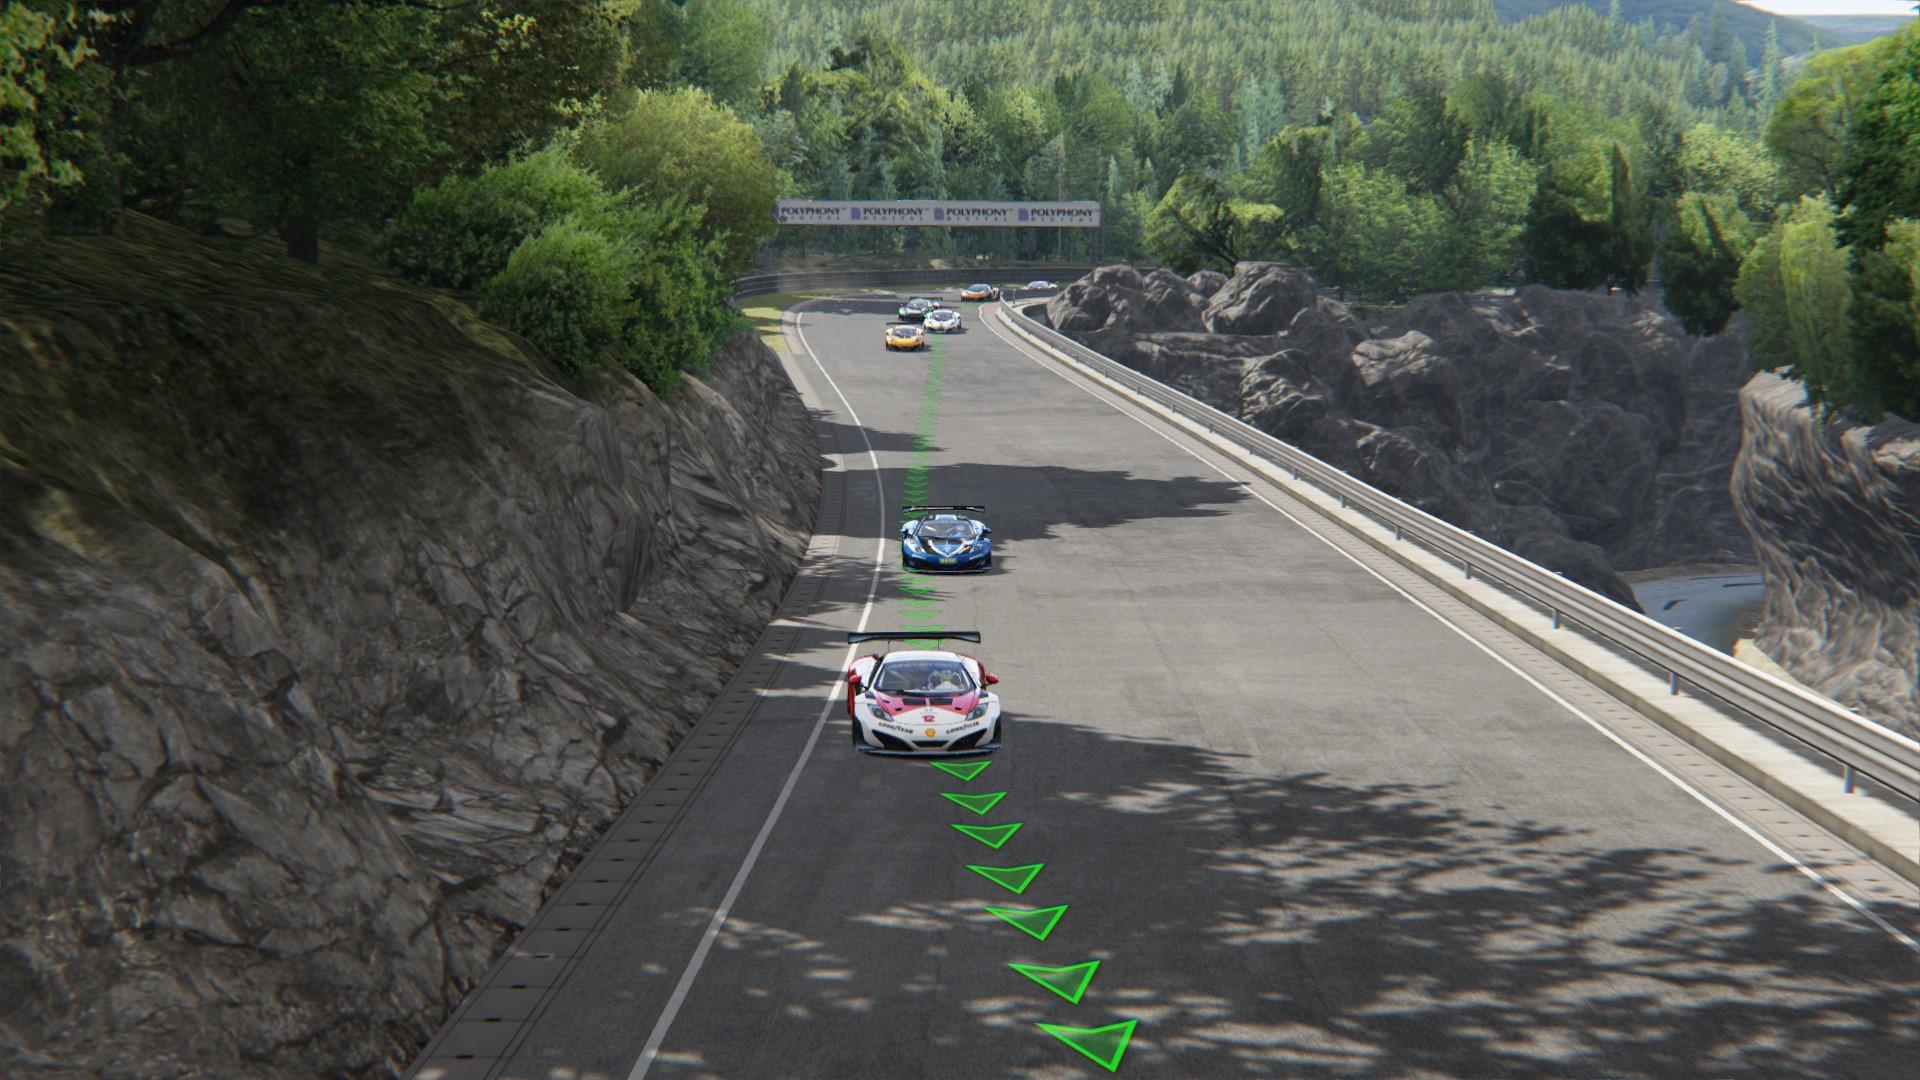 Screenshot_mclaren_mp412c_gt3_deepforest_raceway_1-6-120-22-19-48.jpg